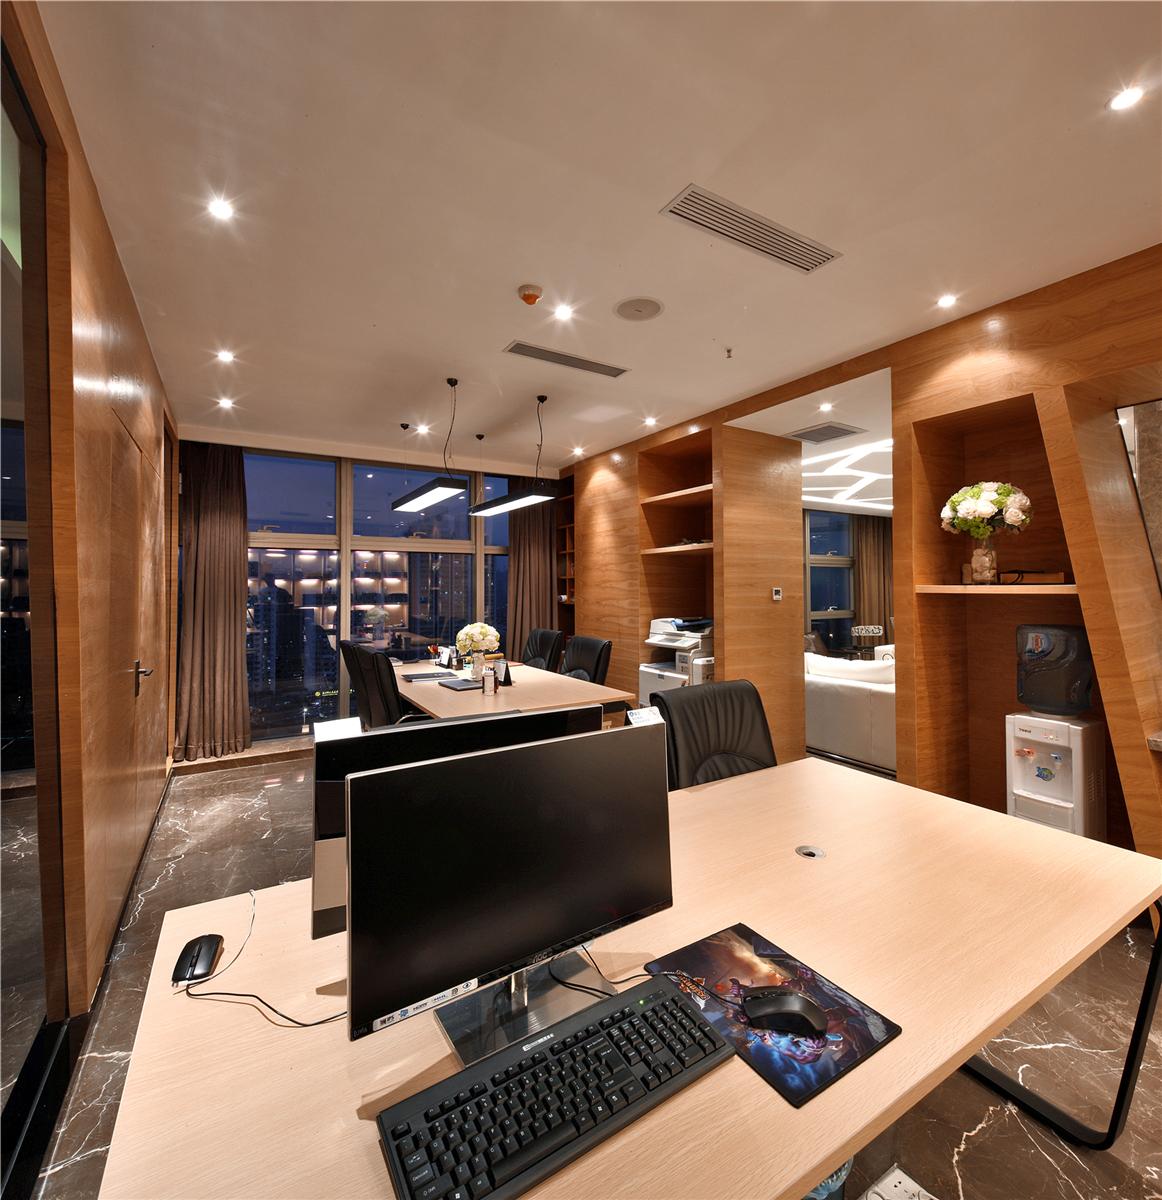 客厅图片来自莫川王远在莫川设计公司展厅-现代风格的分享